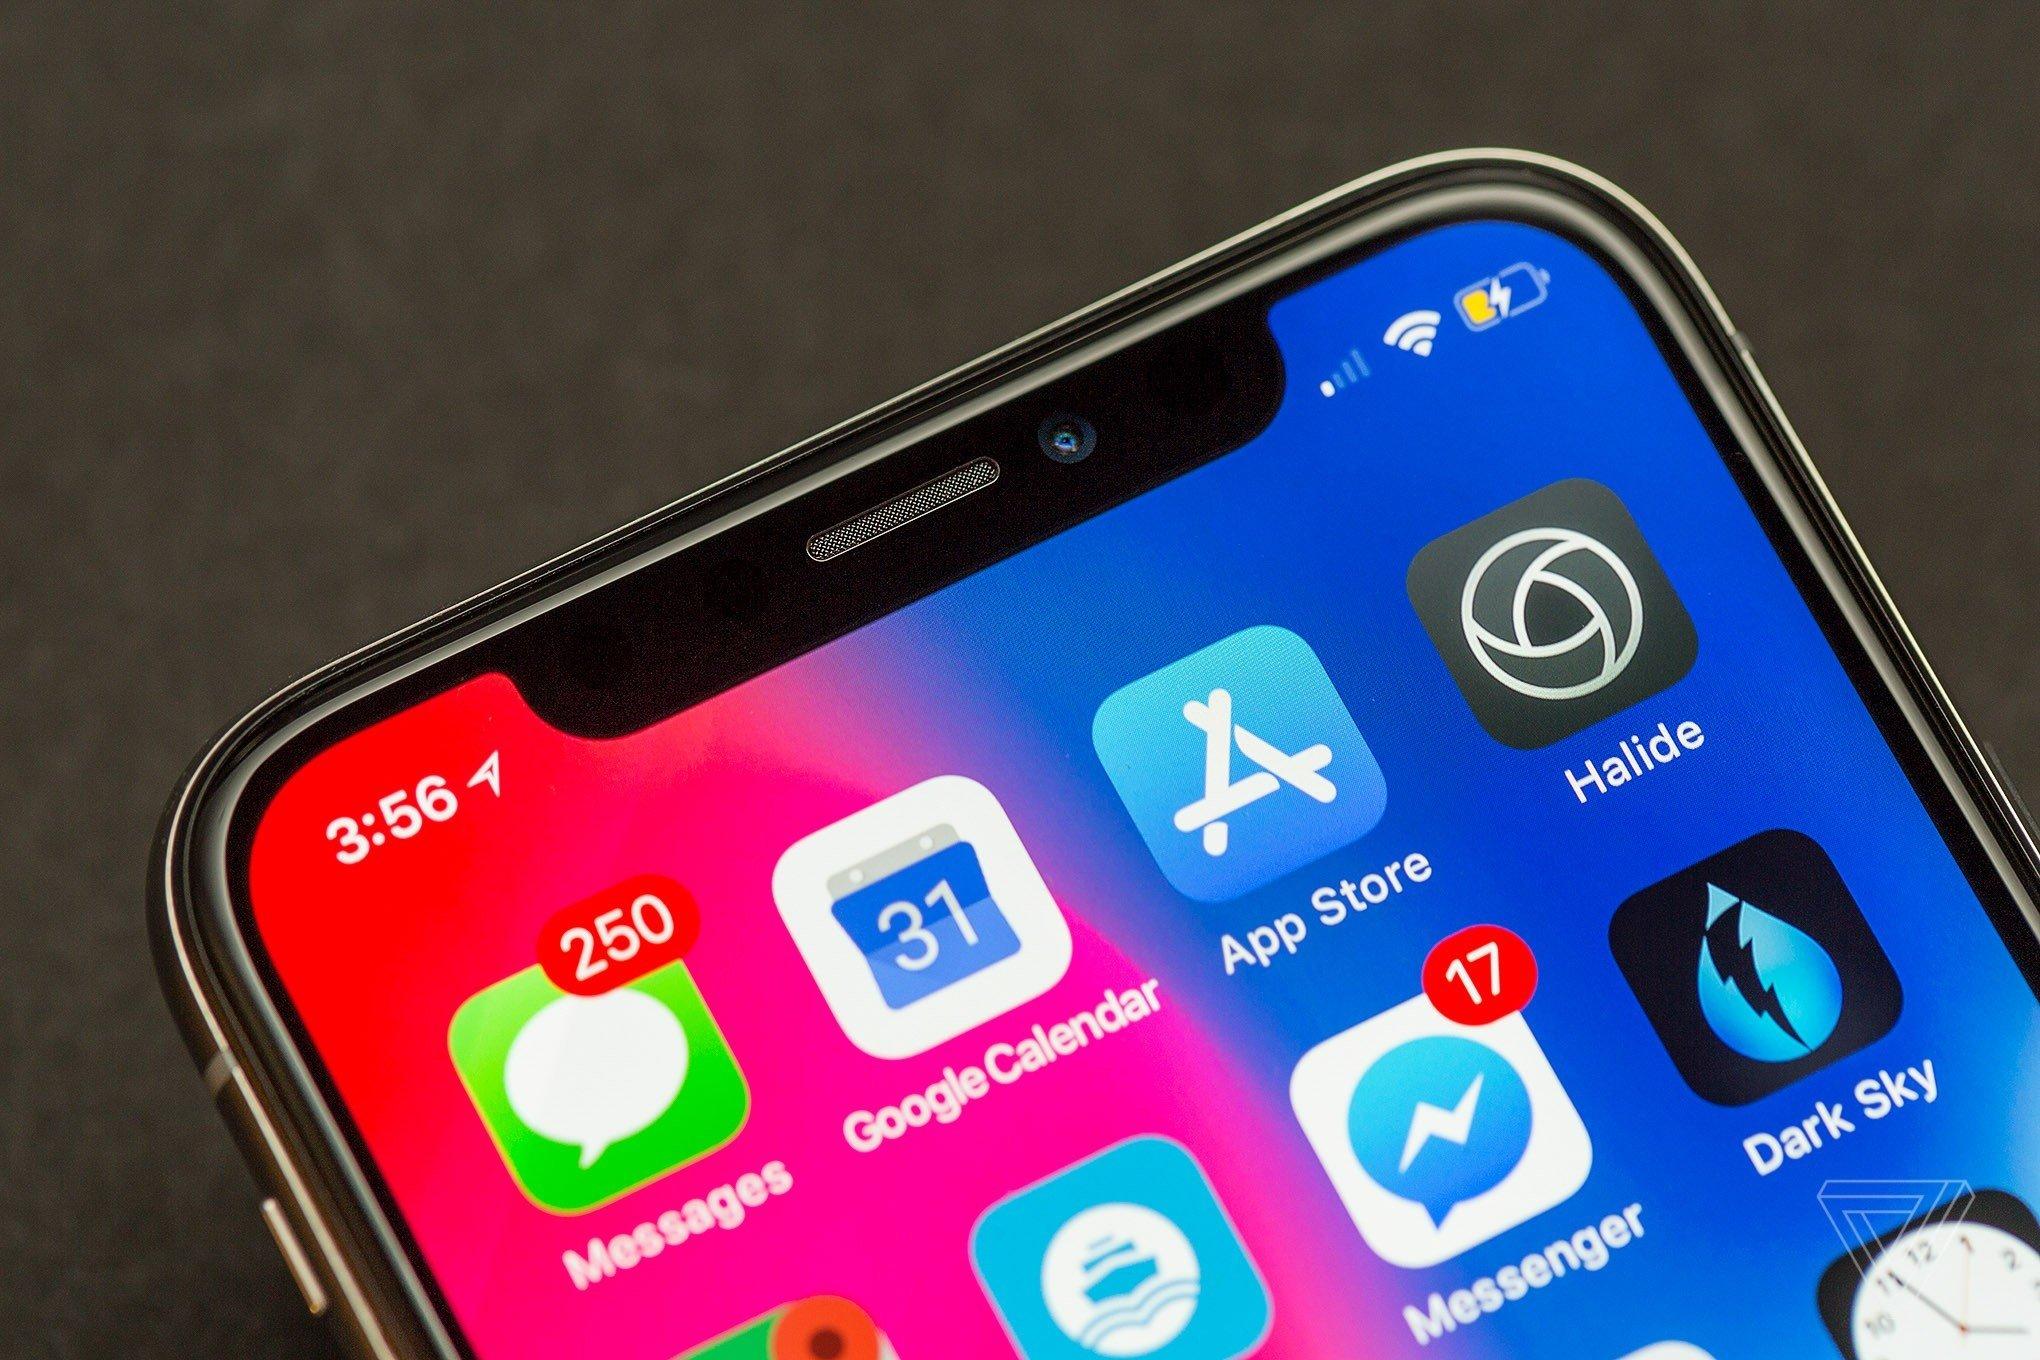 Doanh số iPhone XS thấp, Apple sản xuất lại iPhone X nhằm cứu cánh